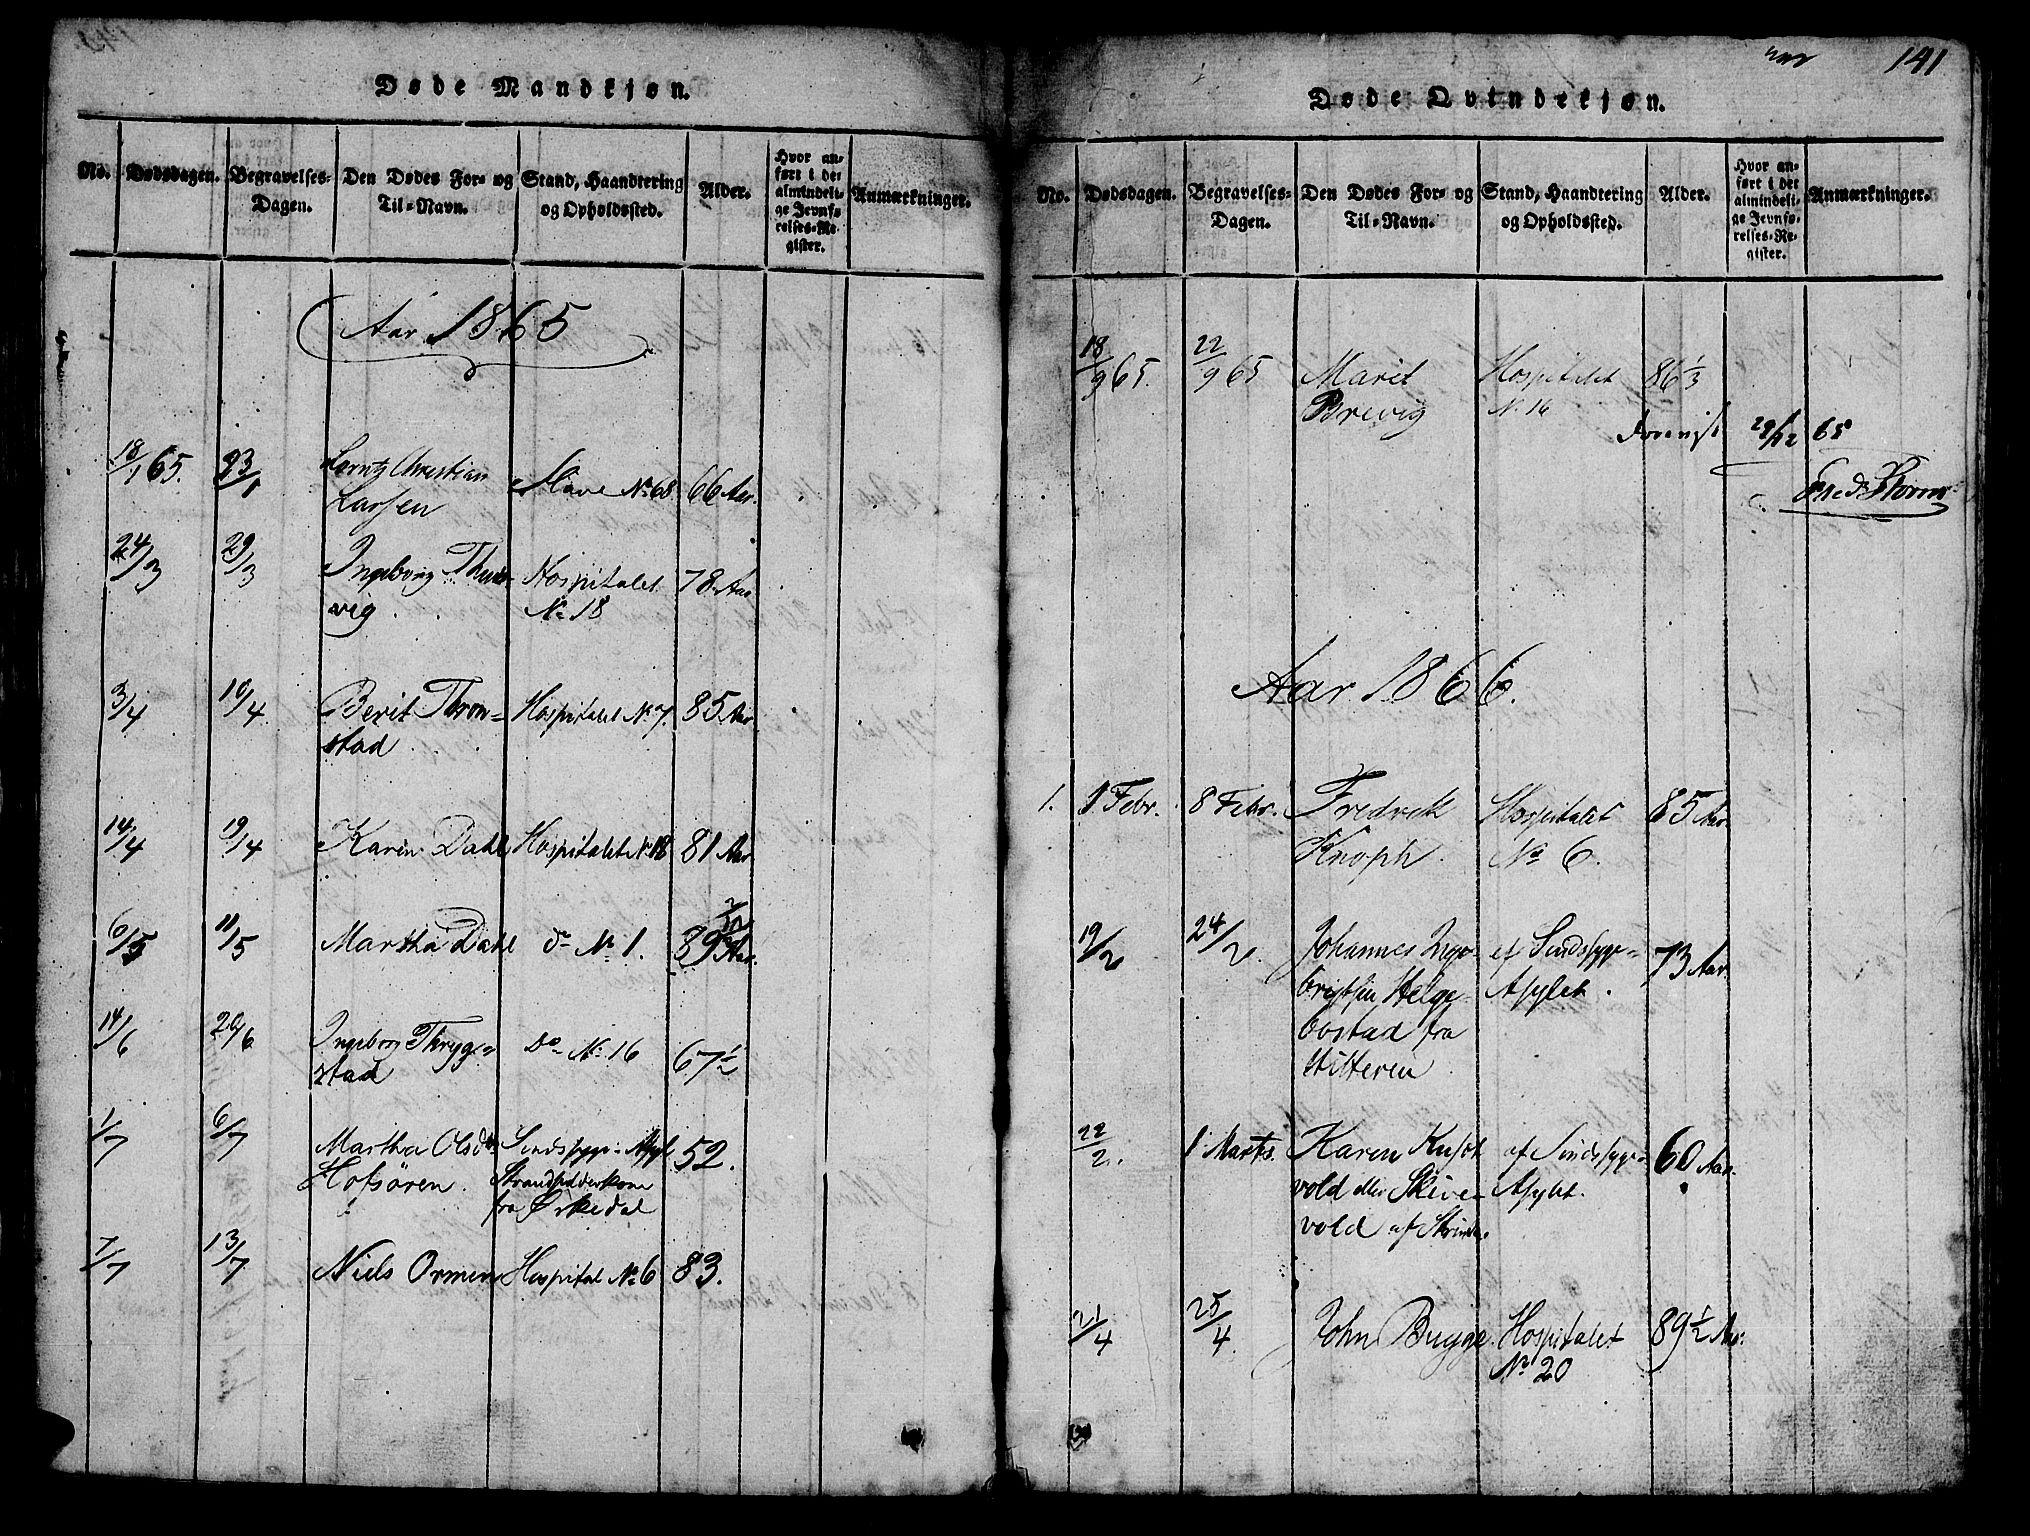 SAT, Ministerialprotokoller, klokkerbøker og fødselsregistre - Sør-Trøndelag, 623/L0478: Klokkerbok nr. 623C01, 1815-1873, s. 141